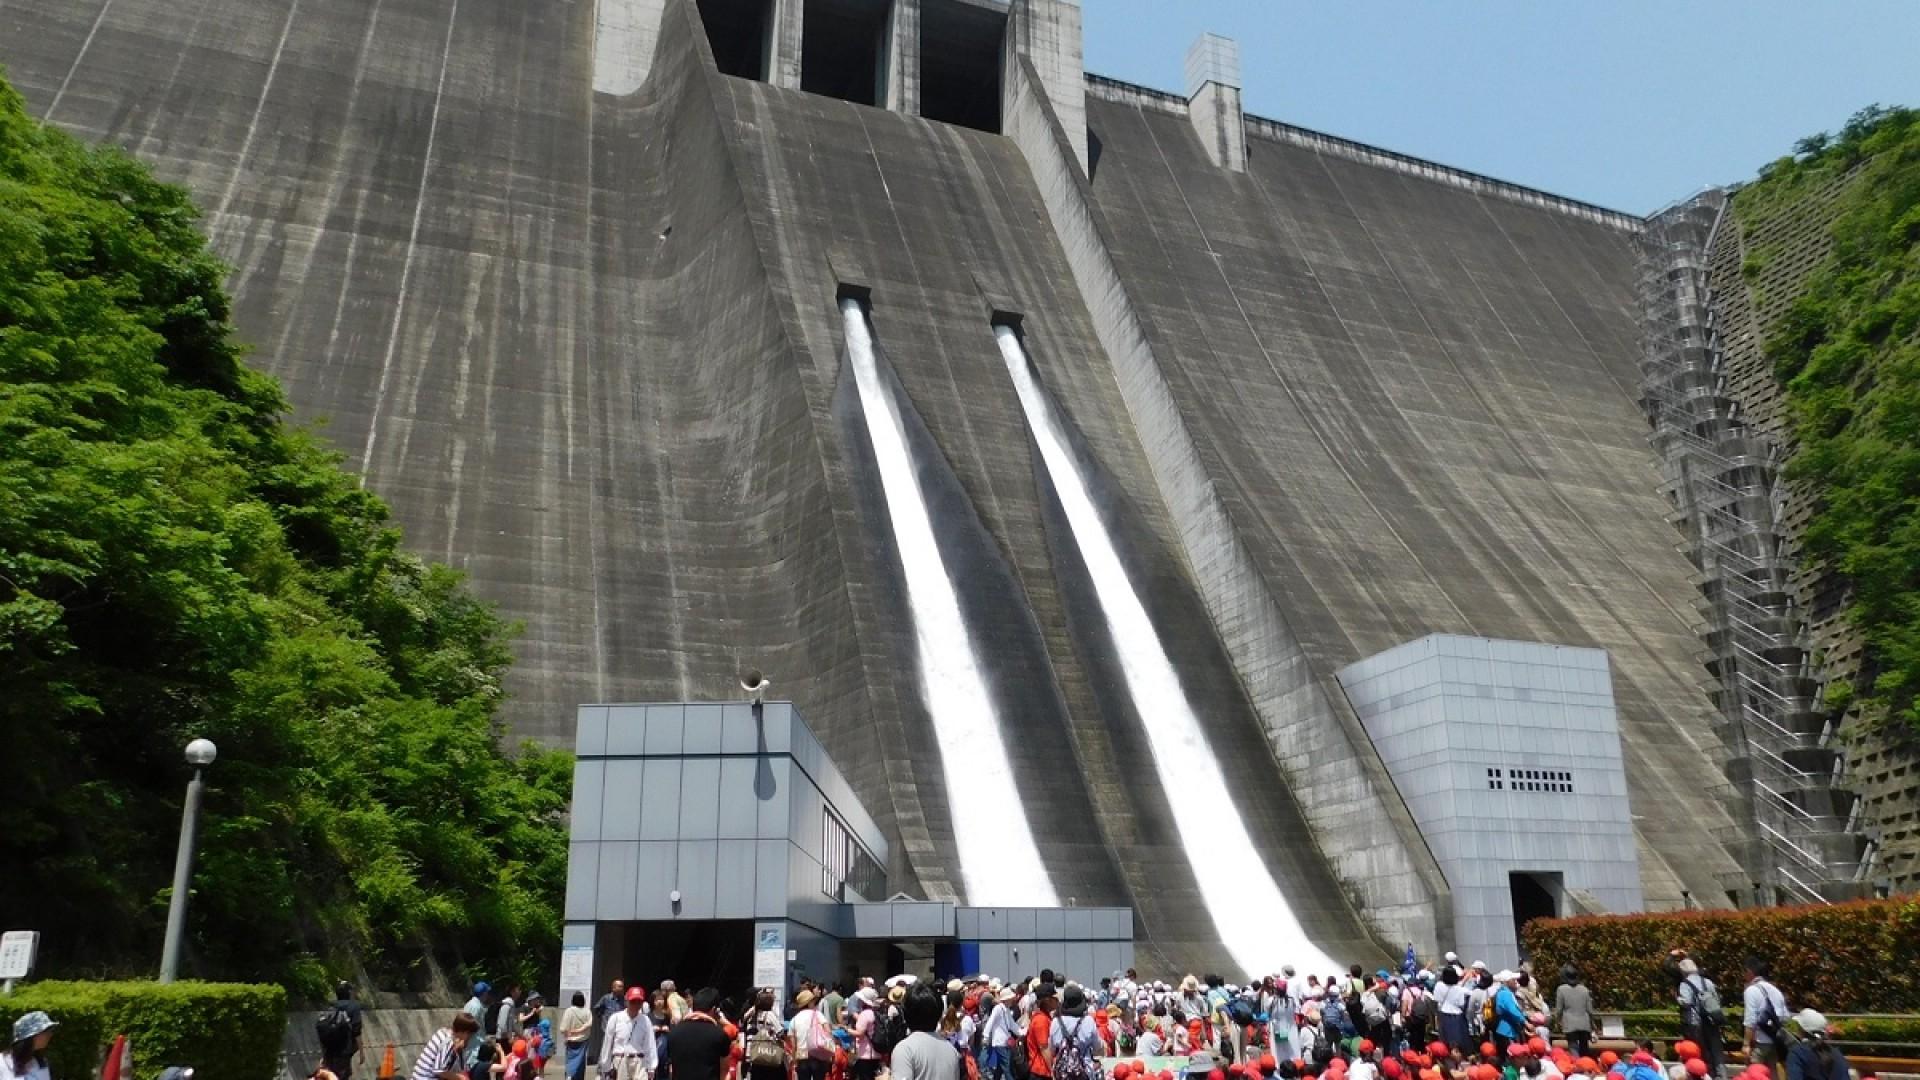 Besichtigung des Miyagase Damms (Öffnung der Fluttore)